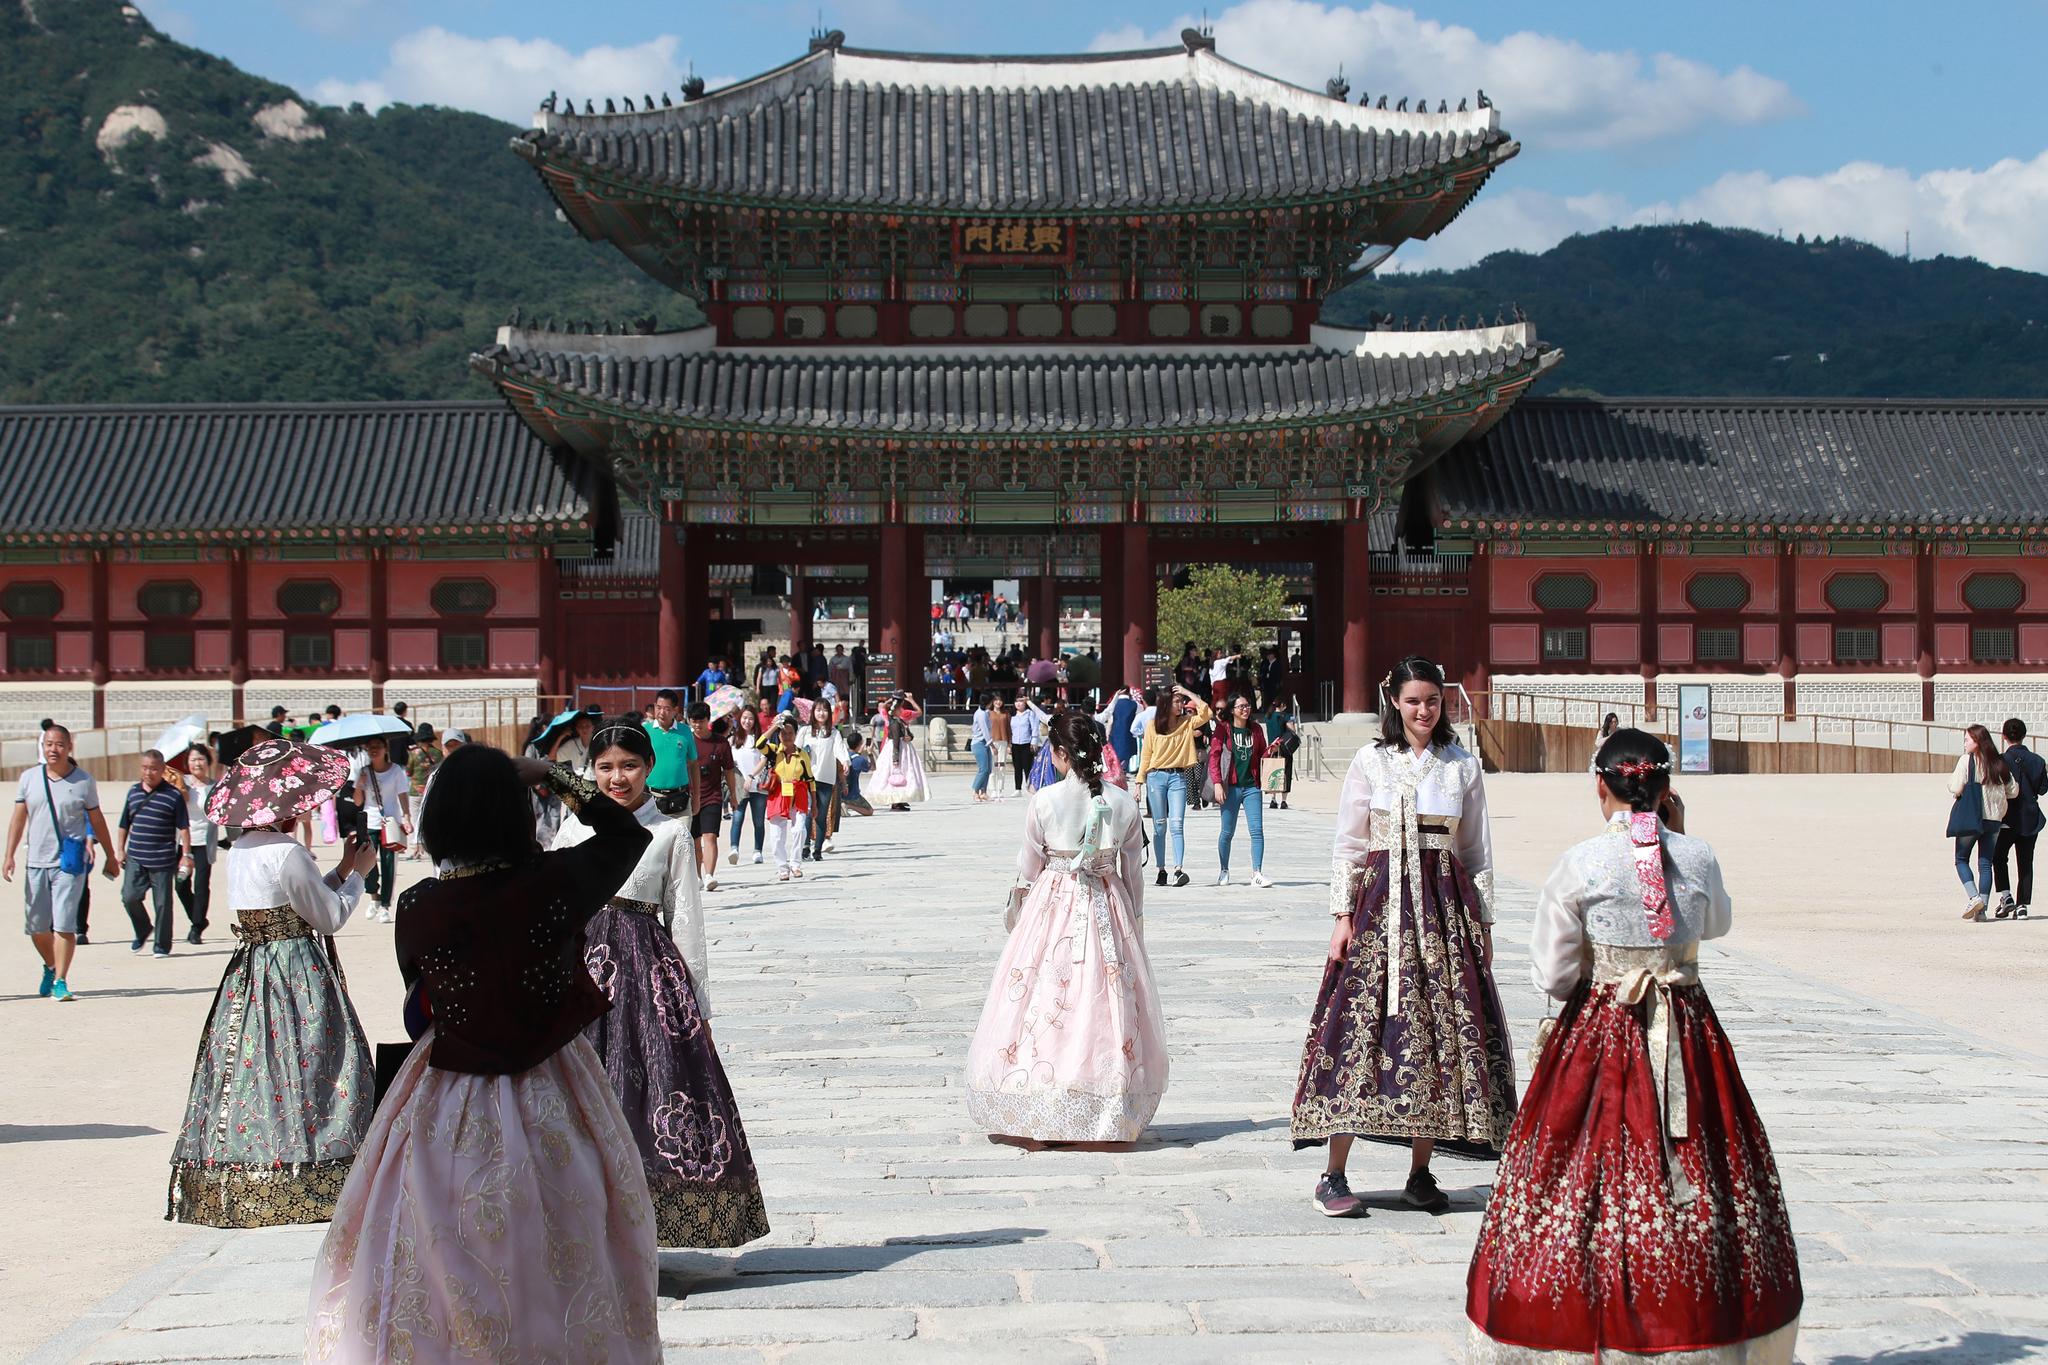 지난달 12일 오후 서울 종로구 경복궁에서 '퓨전한복'을 입은 관광객들이 기념사진을 찍고 있다.   [연합뉴스]